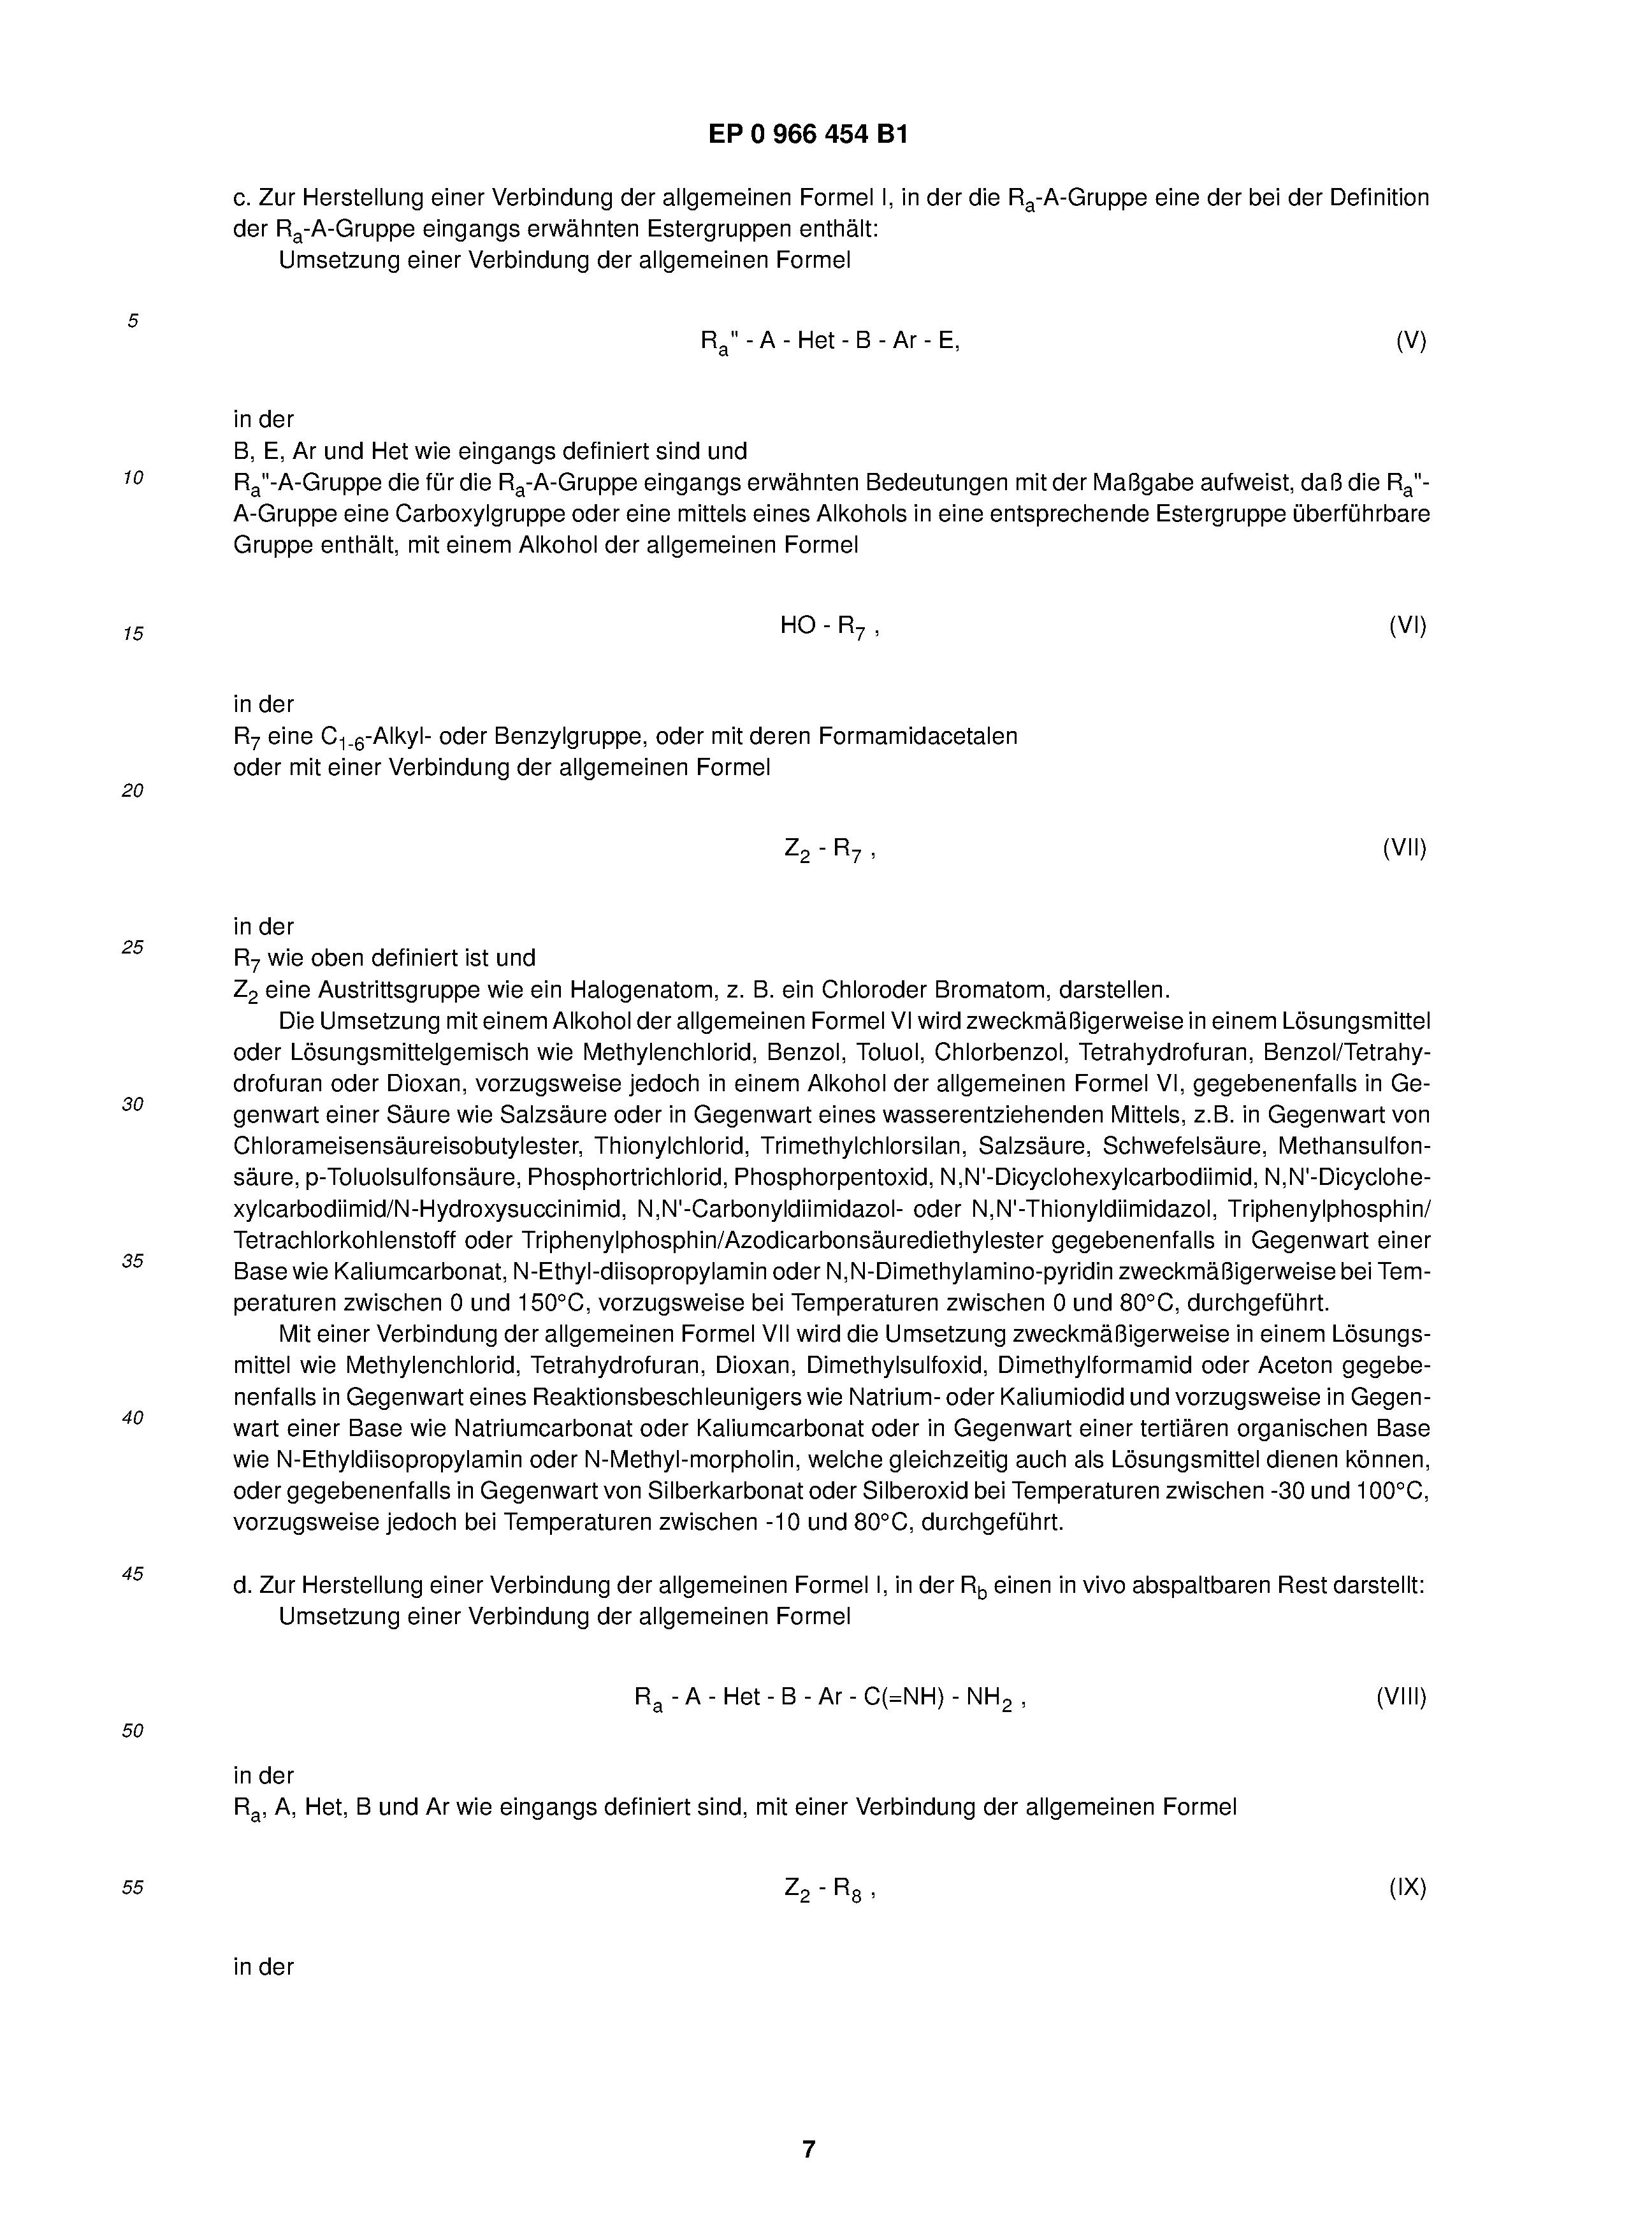 Geräumig Alkohol Definition Sammlung Von Page 7 / 96